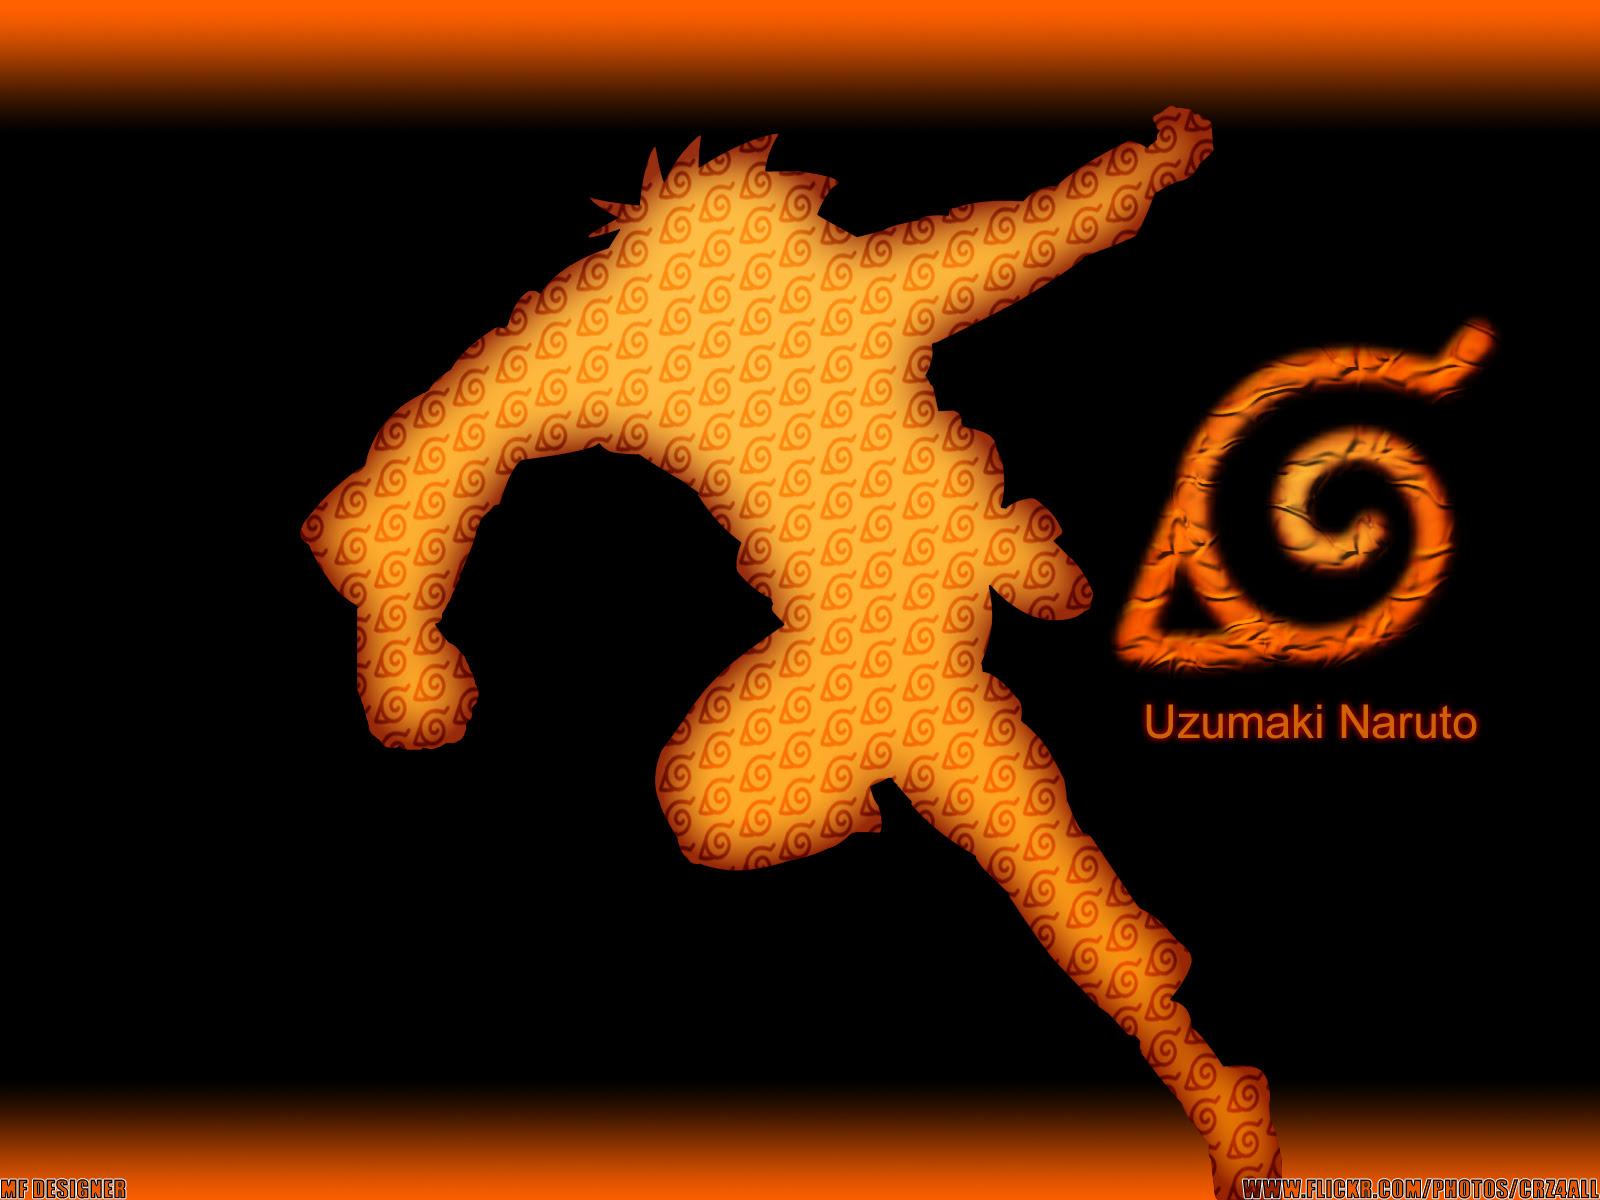 Uzumaki Naruto Wallpapers